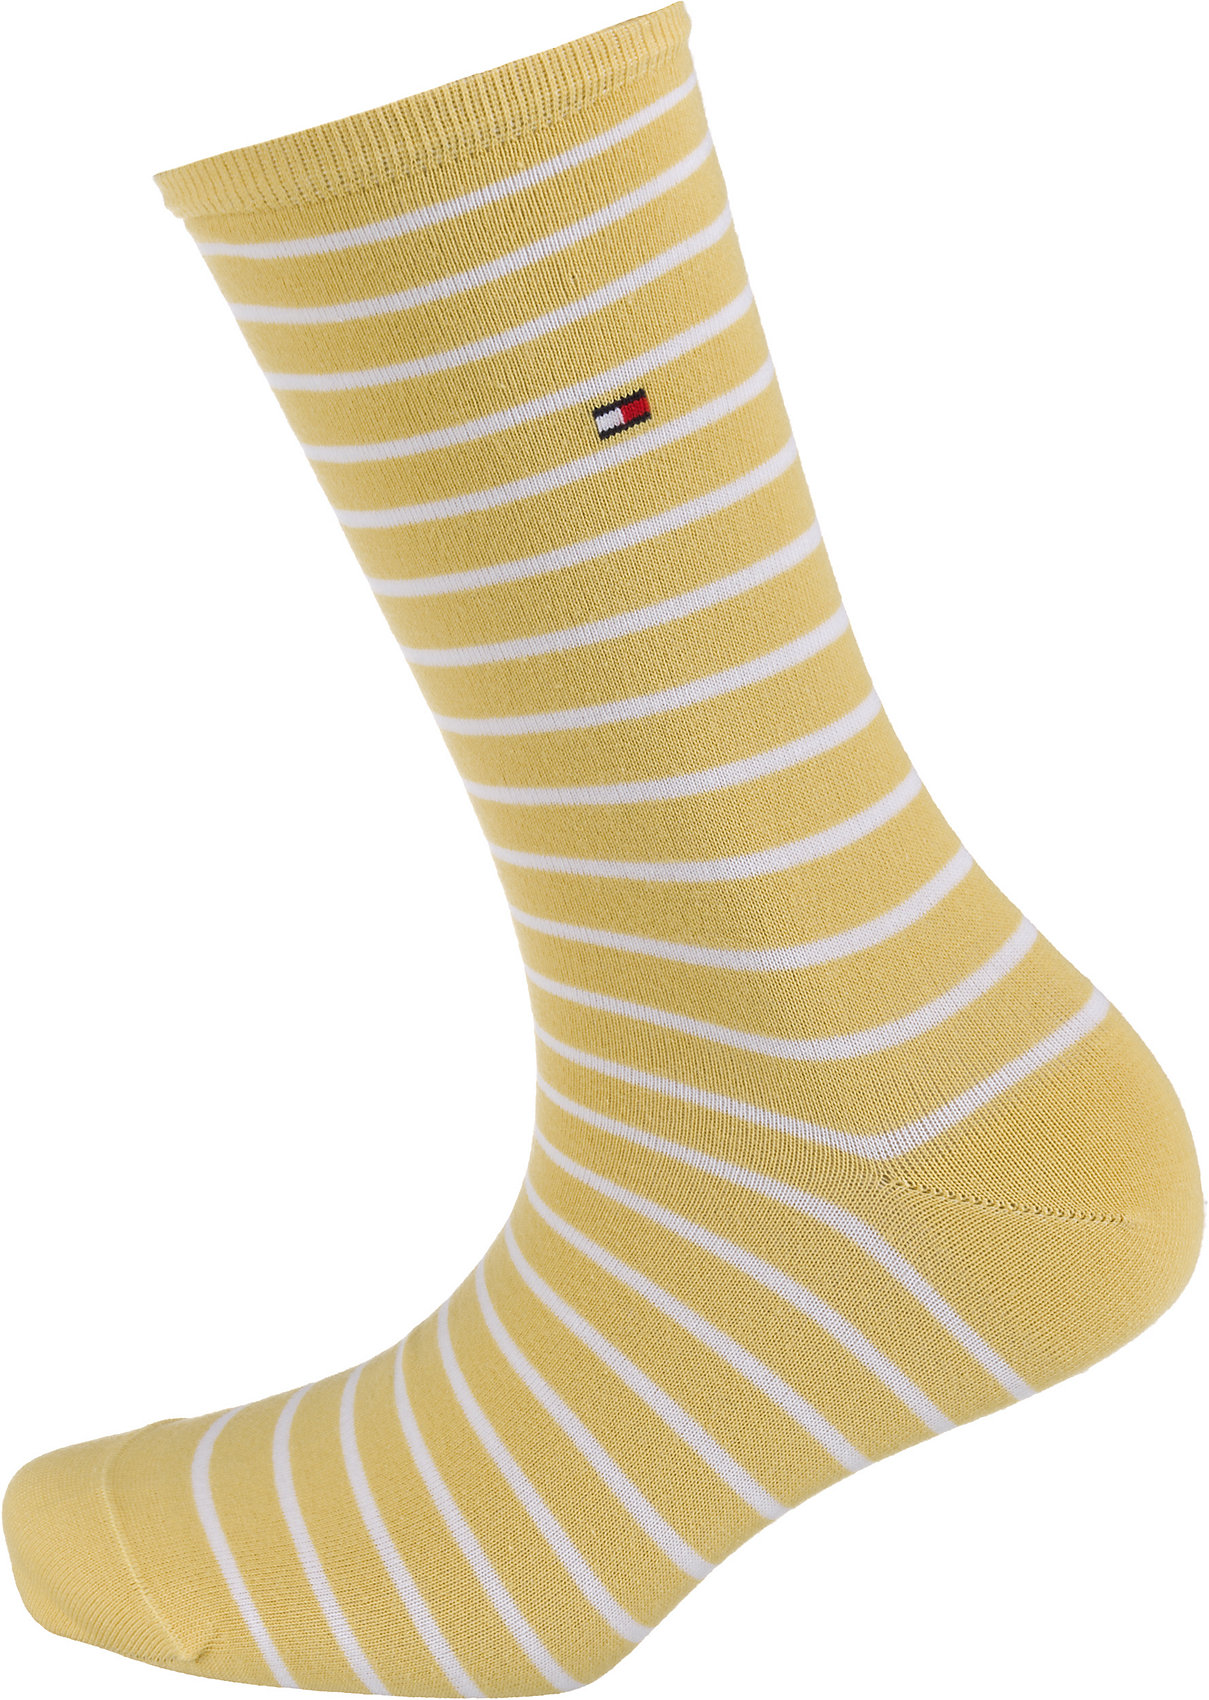 Neu TOMMY HILFIGER 2 Paar Socken 8488046 für Damen blau//rot gelb-kombi